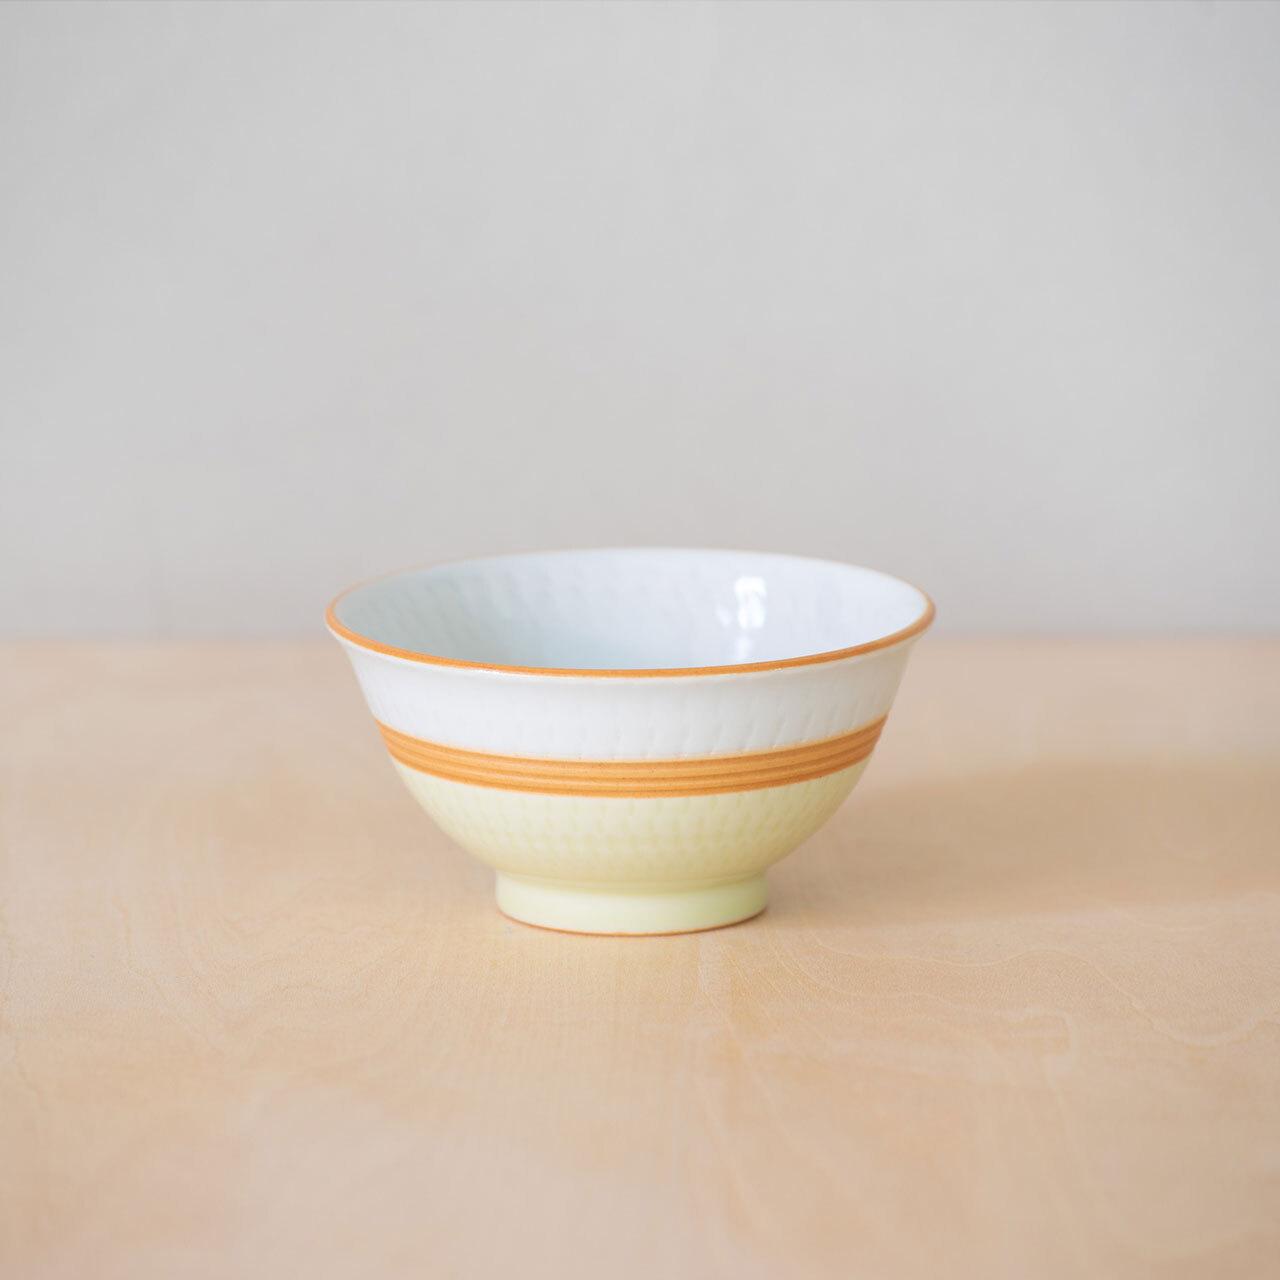 掛分飛鉋茶碗(小)・黄